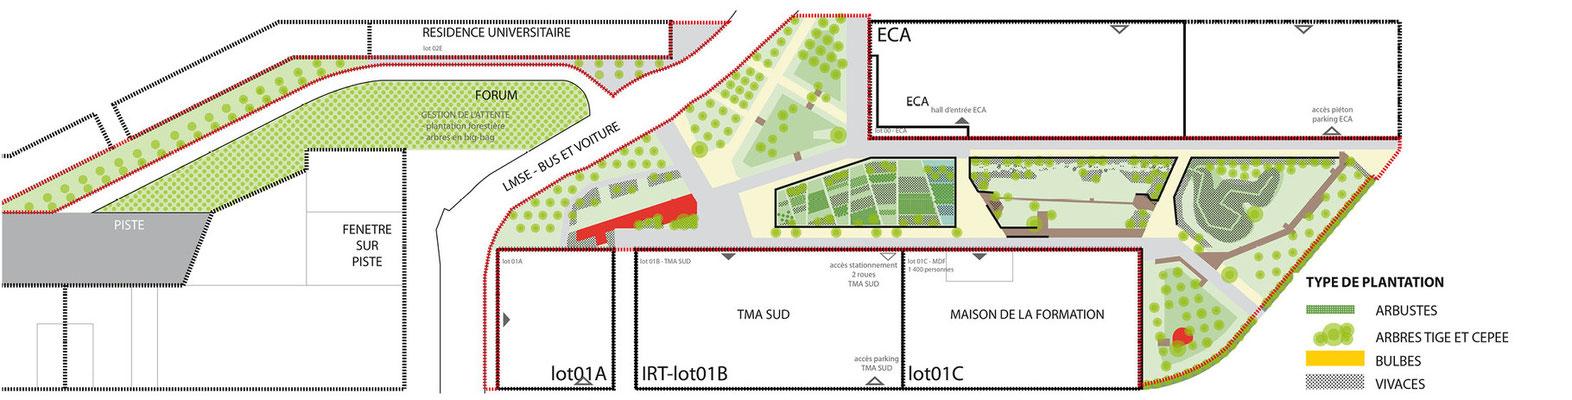 plan des espaces verts